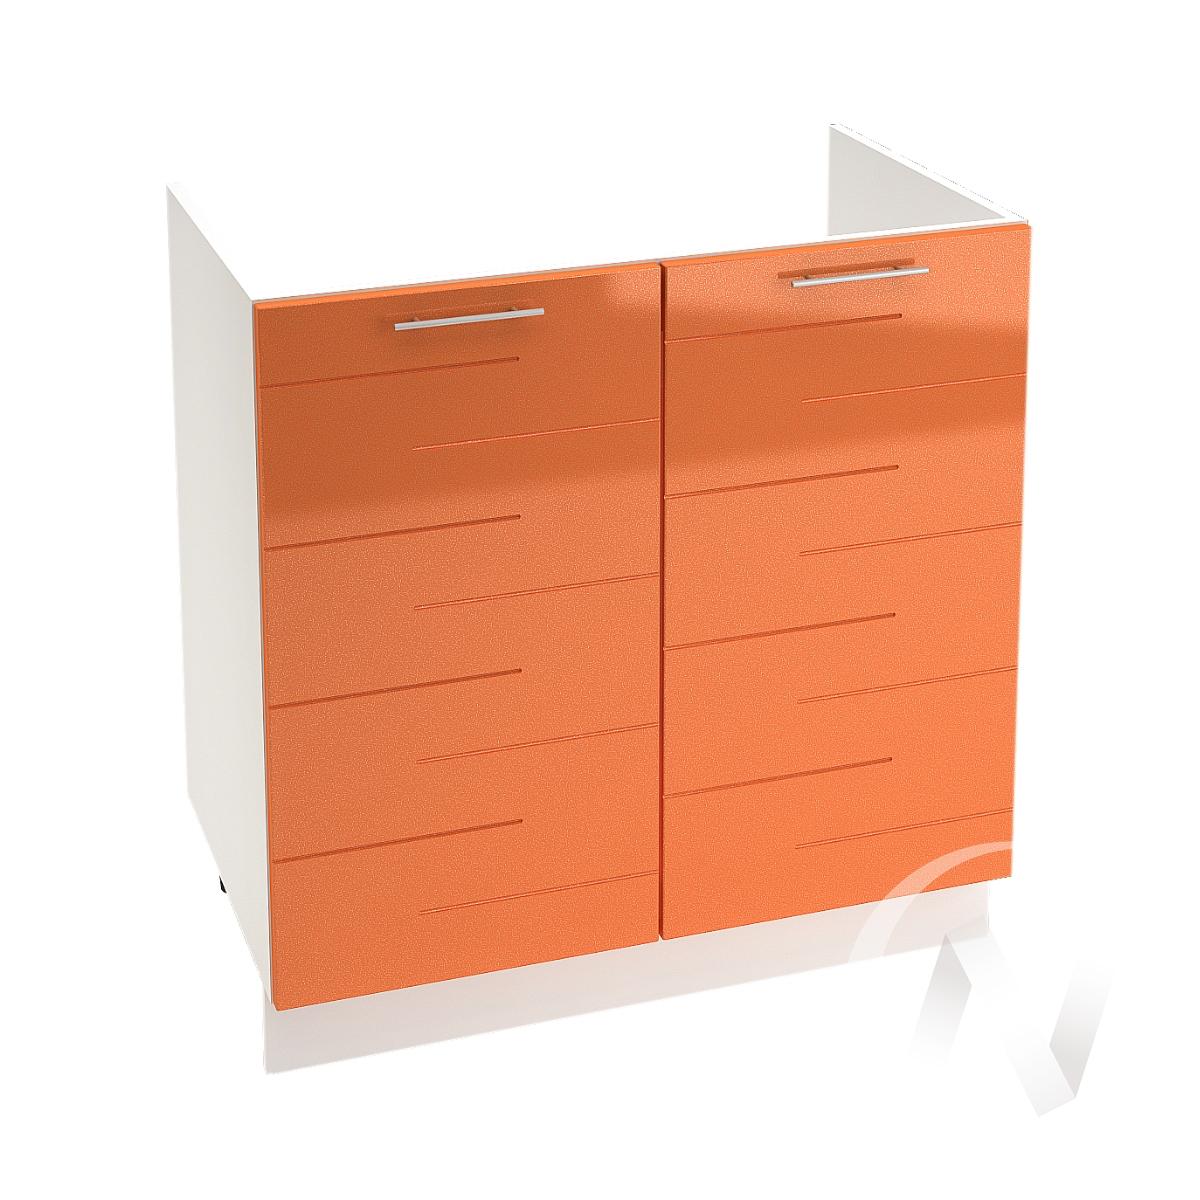 """Кухня """"Техно"""": Шкаф нижний под мойку 800, ШНМ 800 (корпус белый)"""